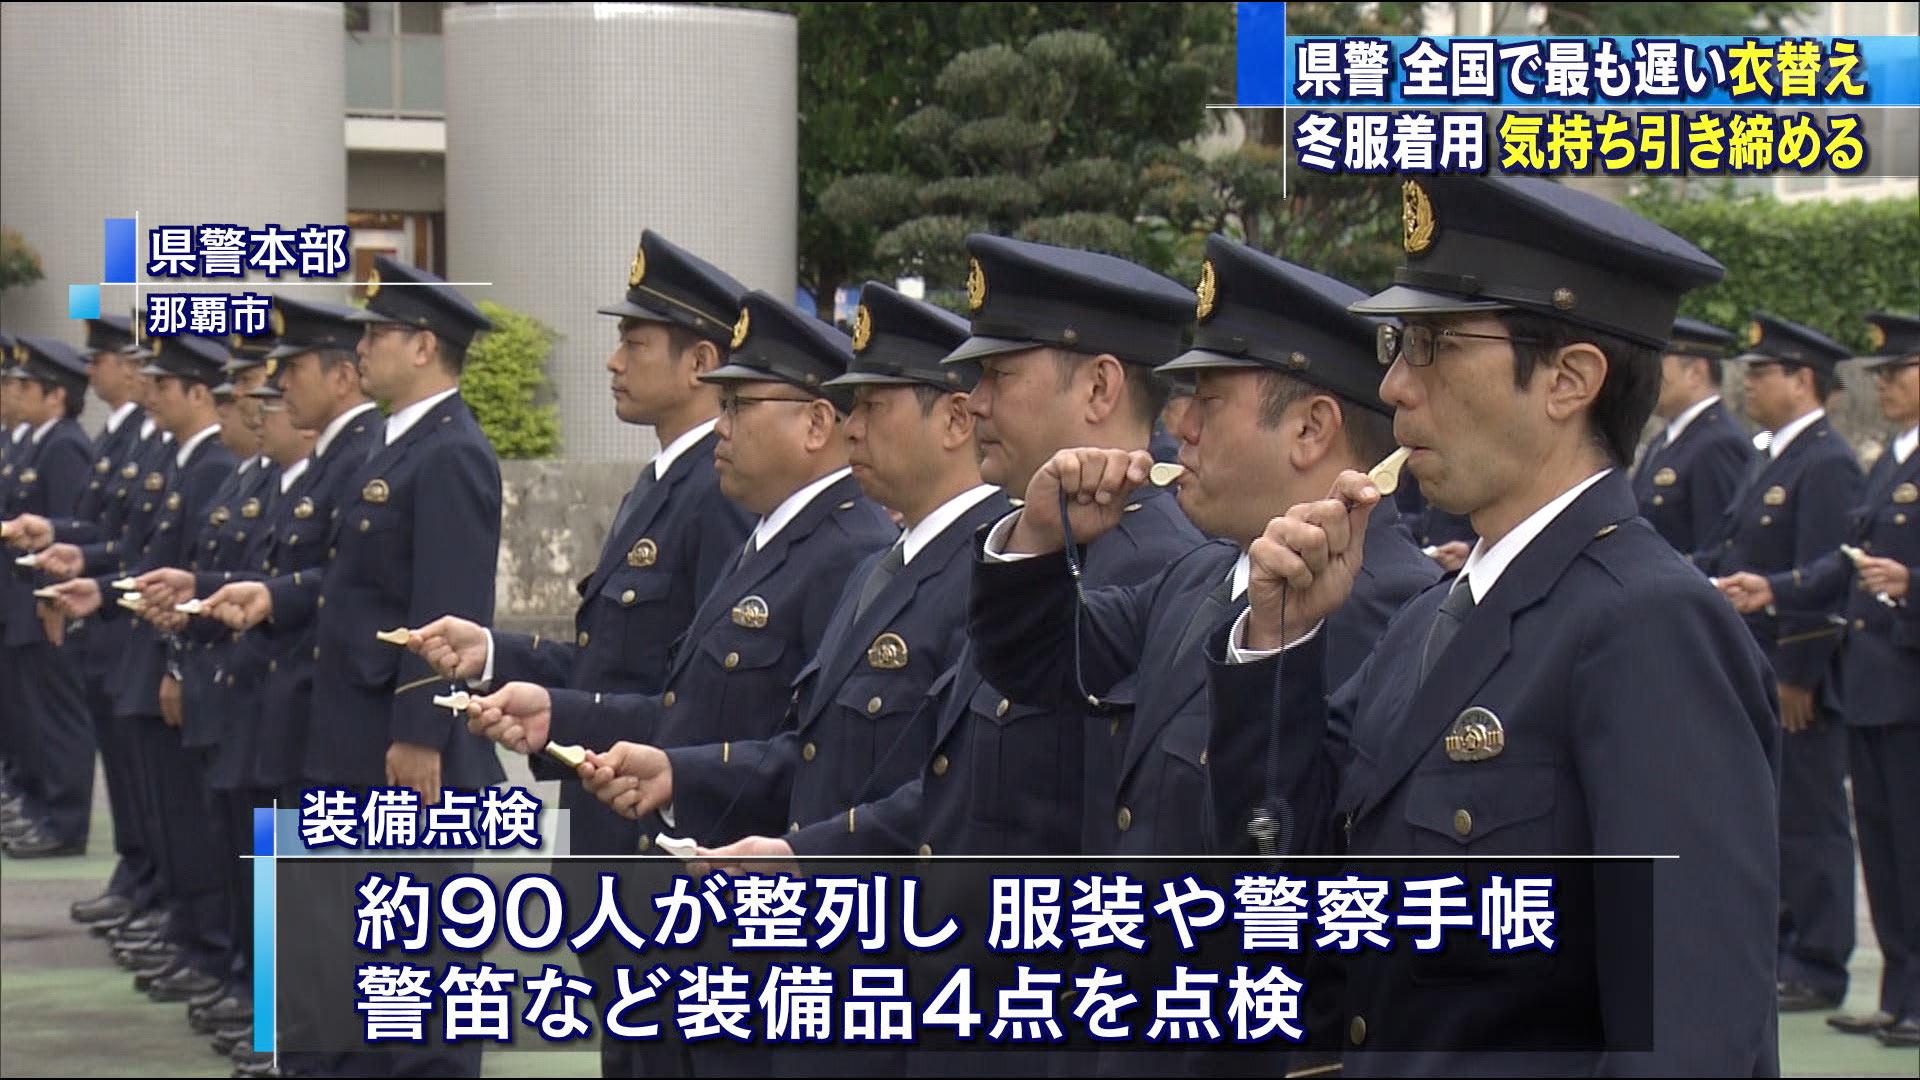 県警の制服 衣替え